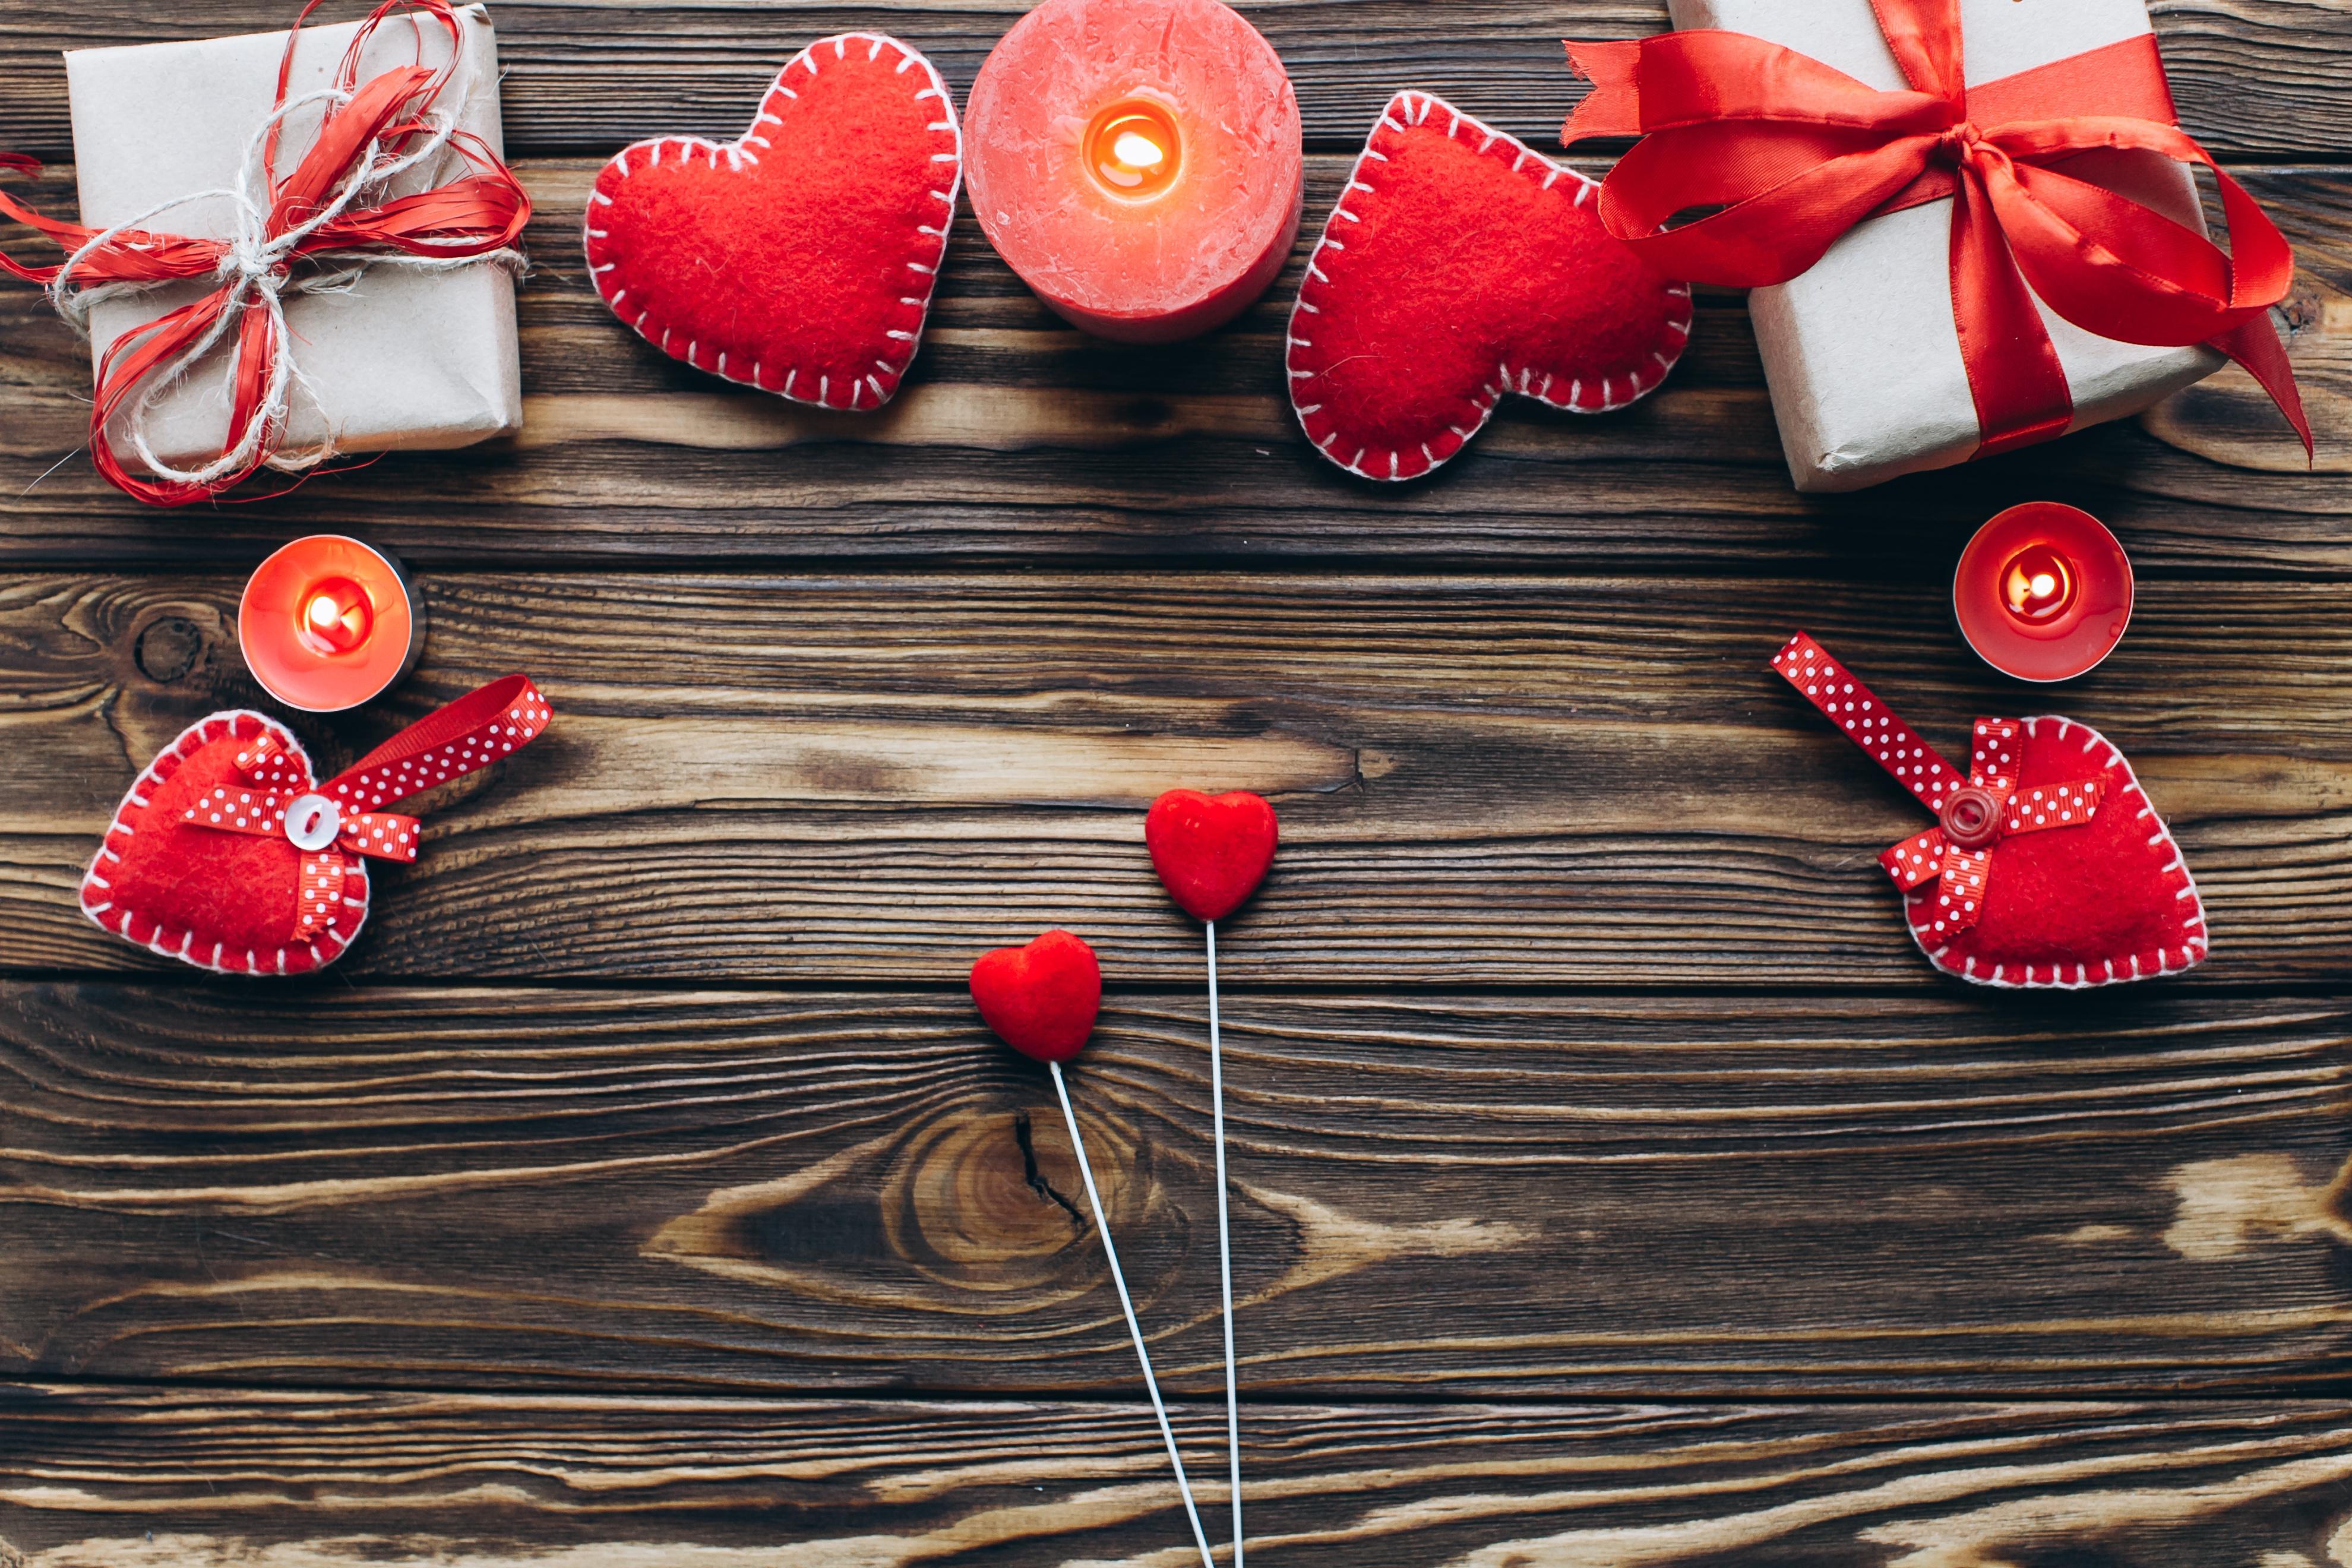 Фотографии День святого Валентина сердечко Подарки Свечи Шаблон поздравительной открытки Доски 3960x2640 День всех влюблённых серце Сердце сердца подарок подарков